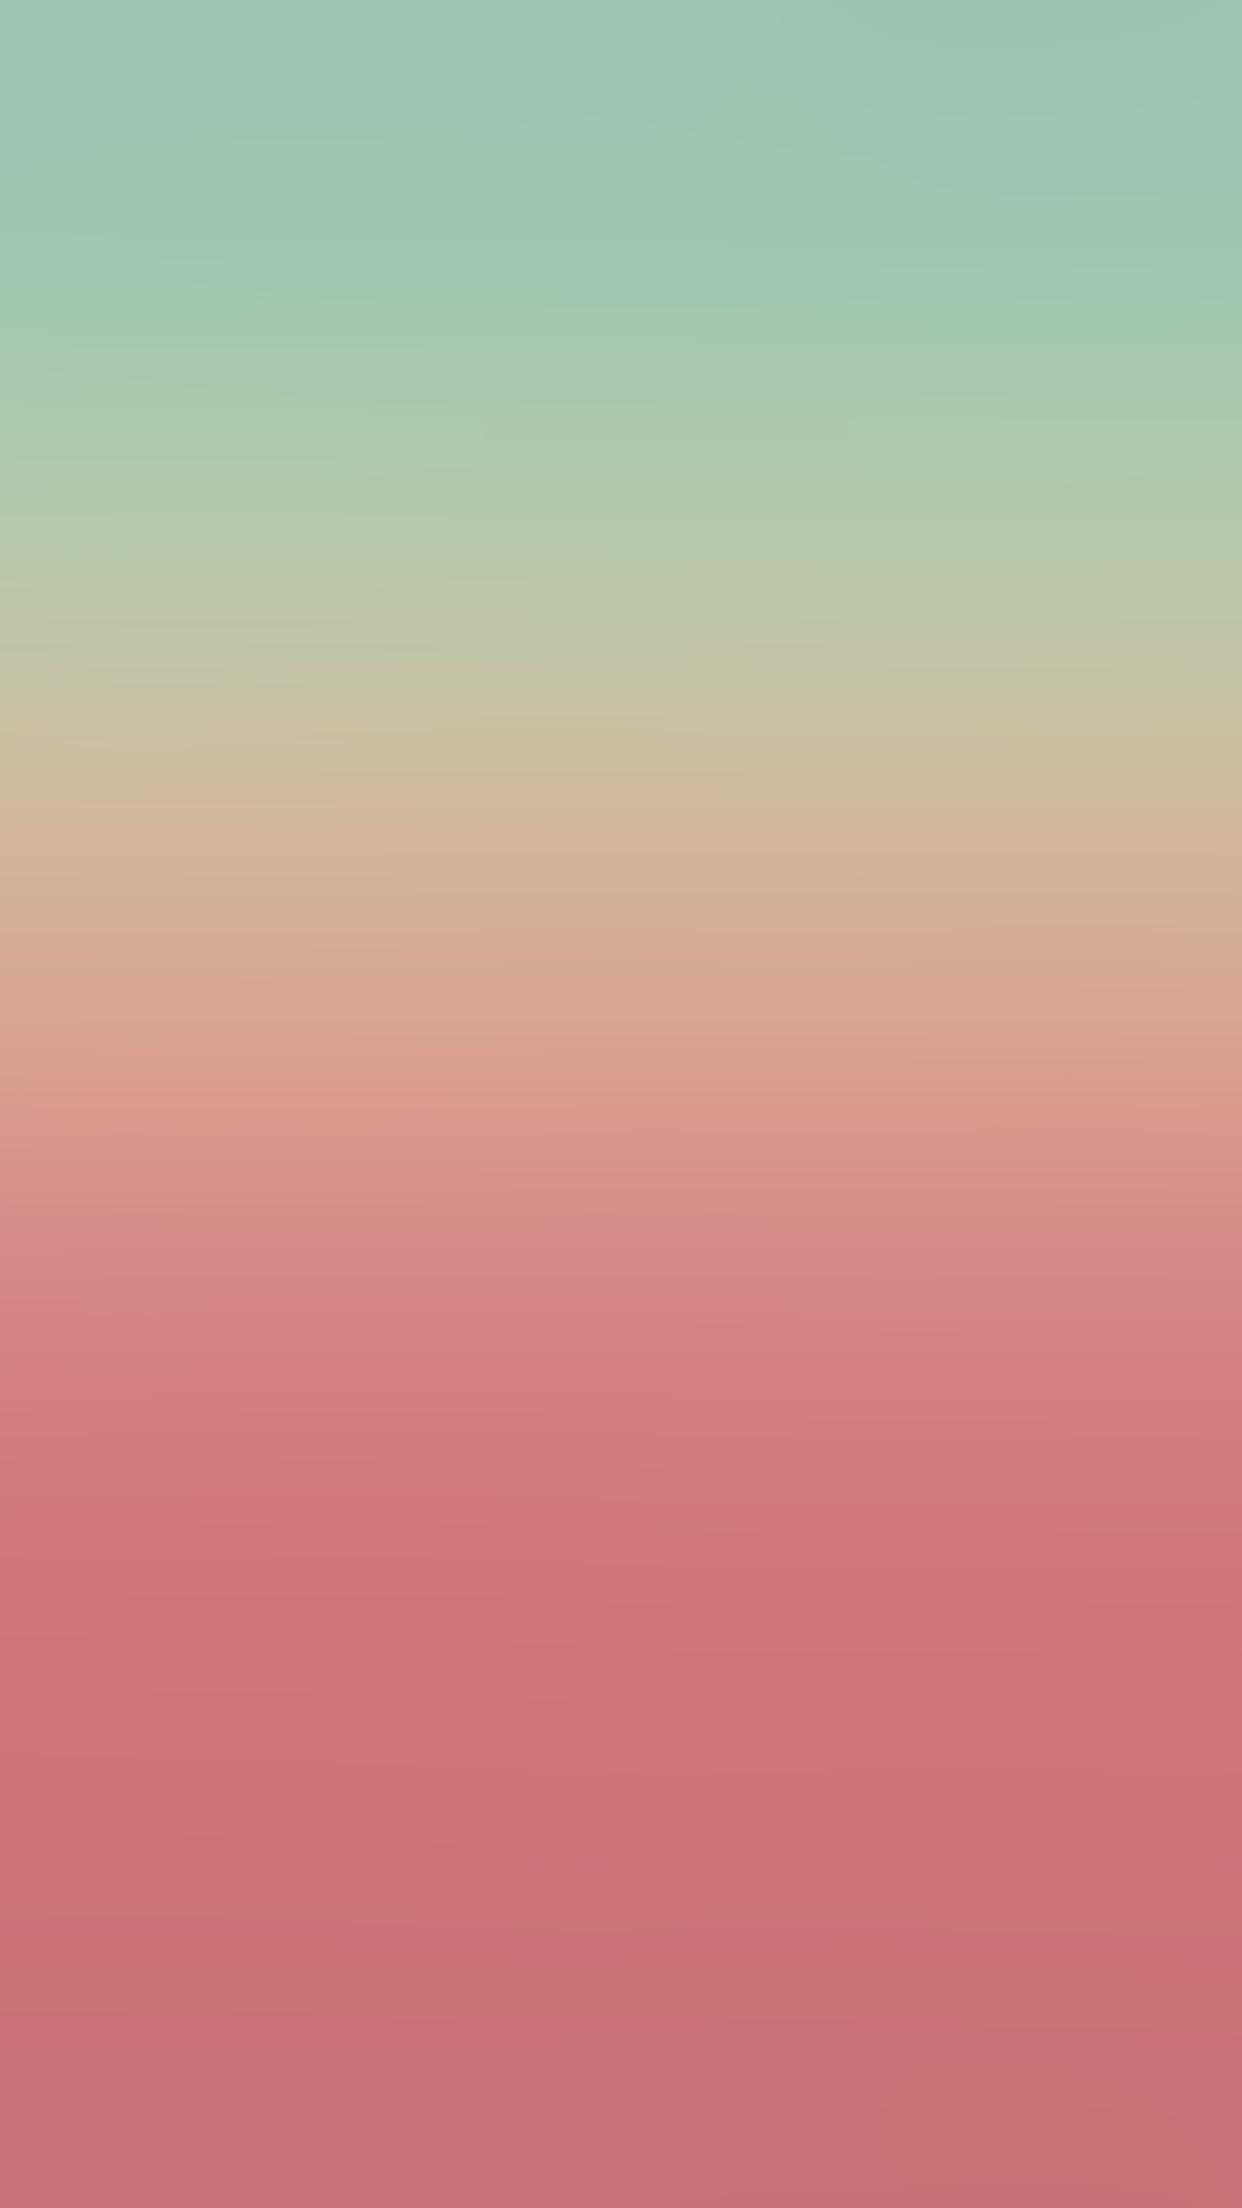 Iphonepapers Sh26 Pink Green Popular Best Gradation Blur